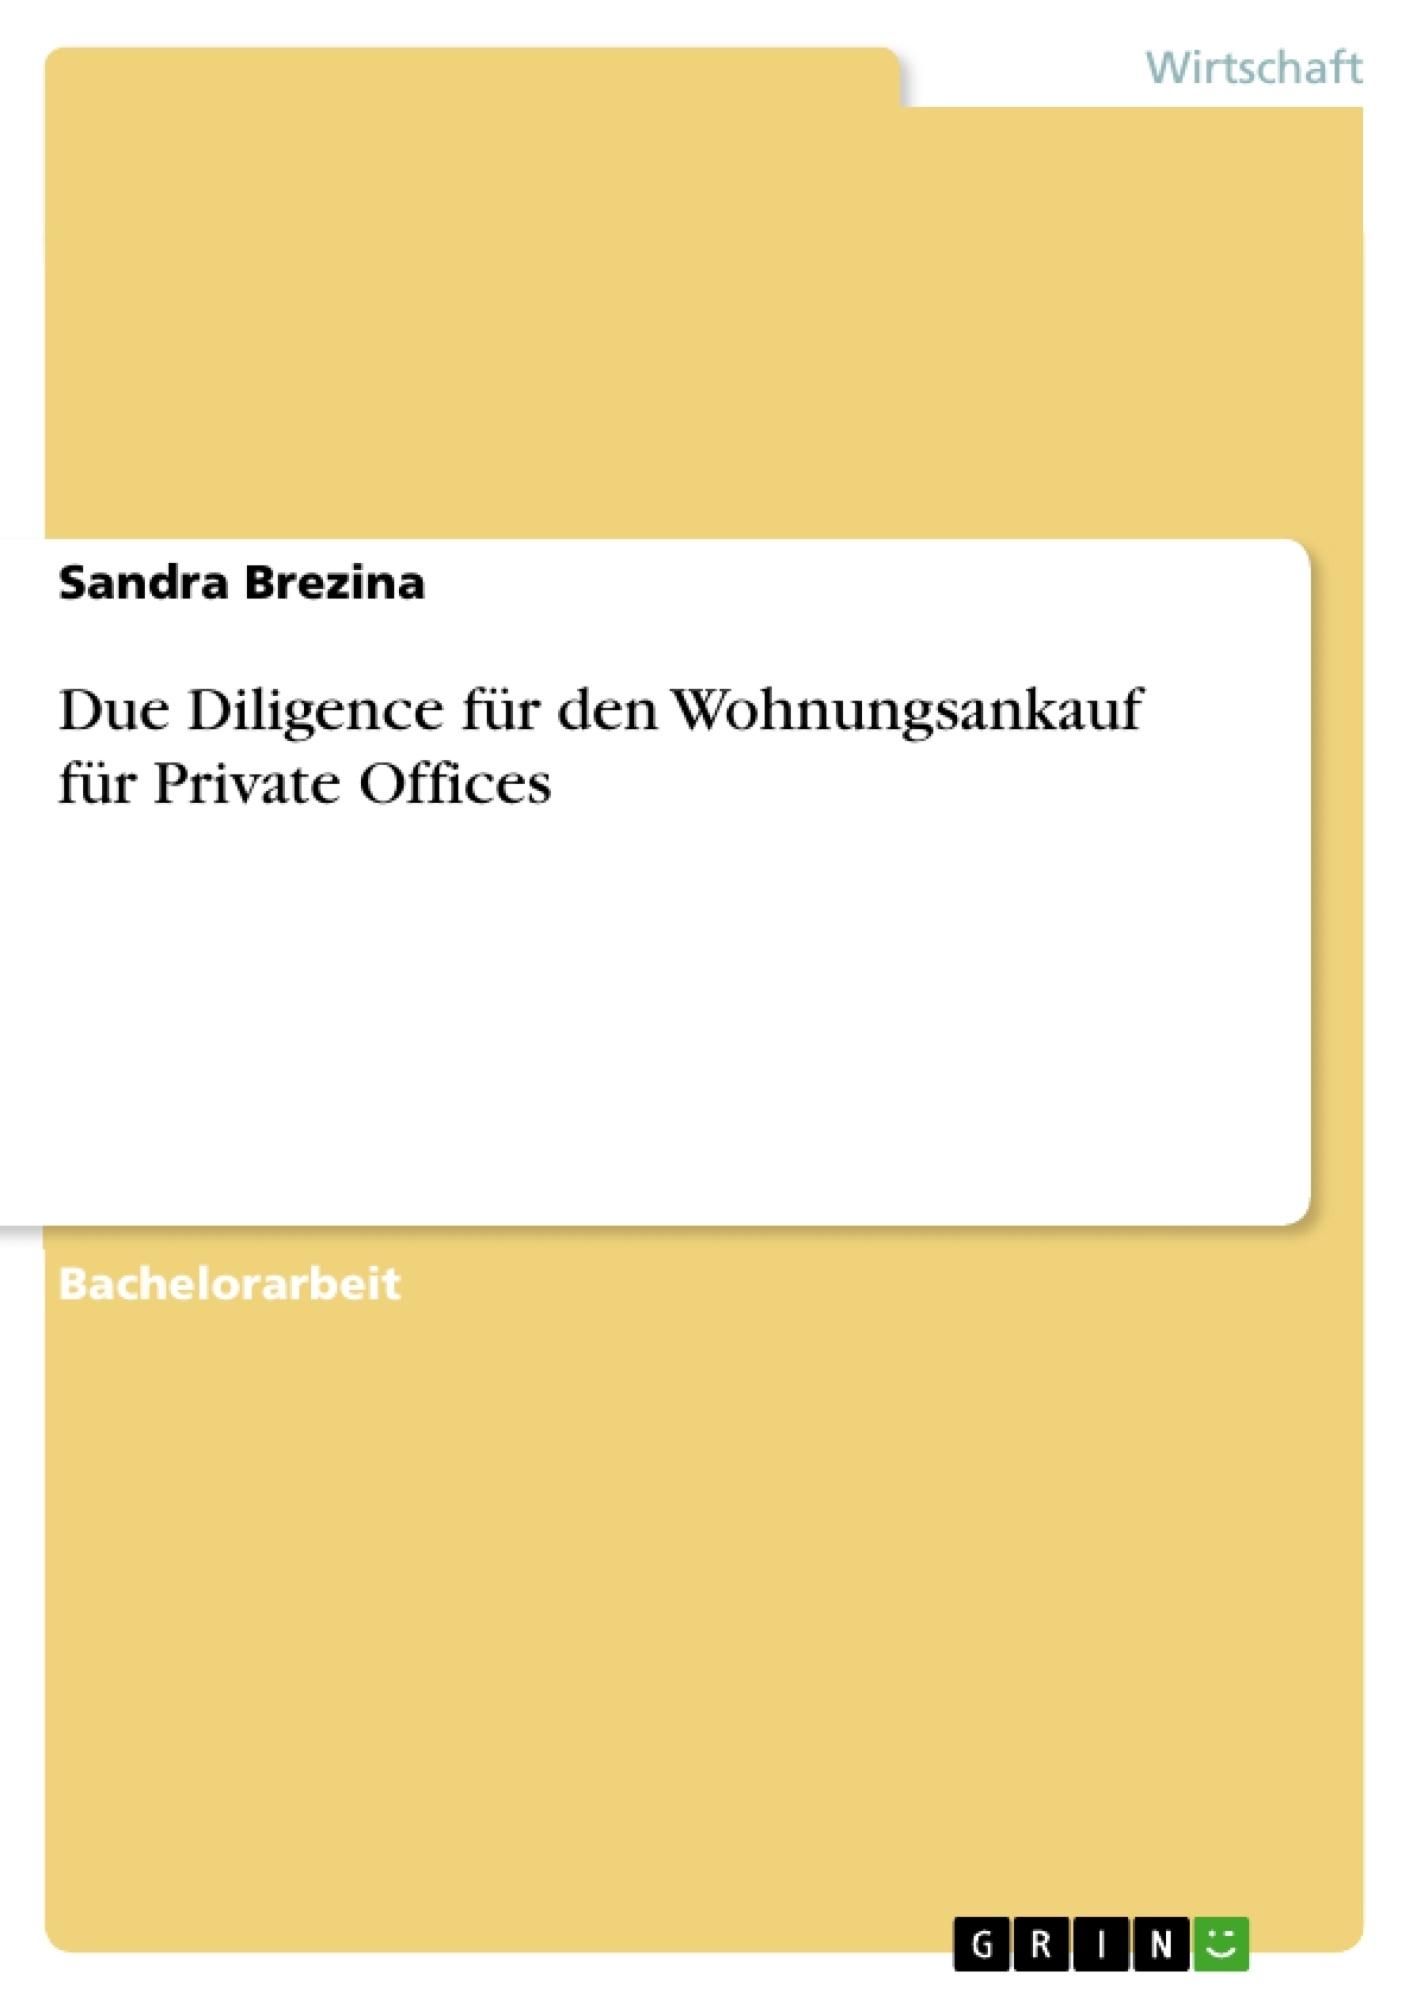 Titel: Due Diligence für den Wohnungsankauf für Private Offices